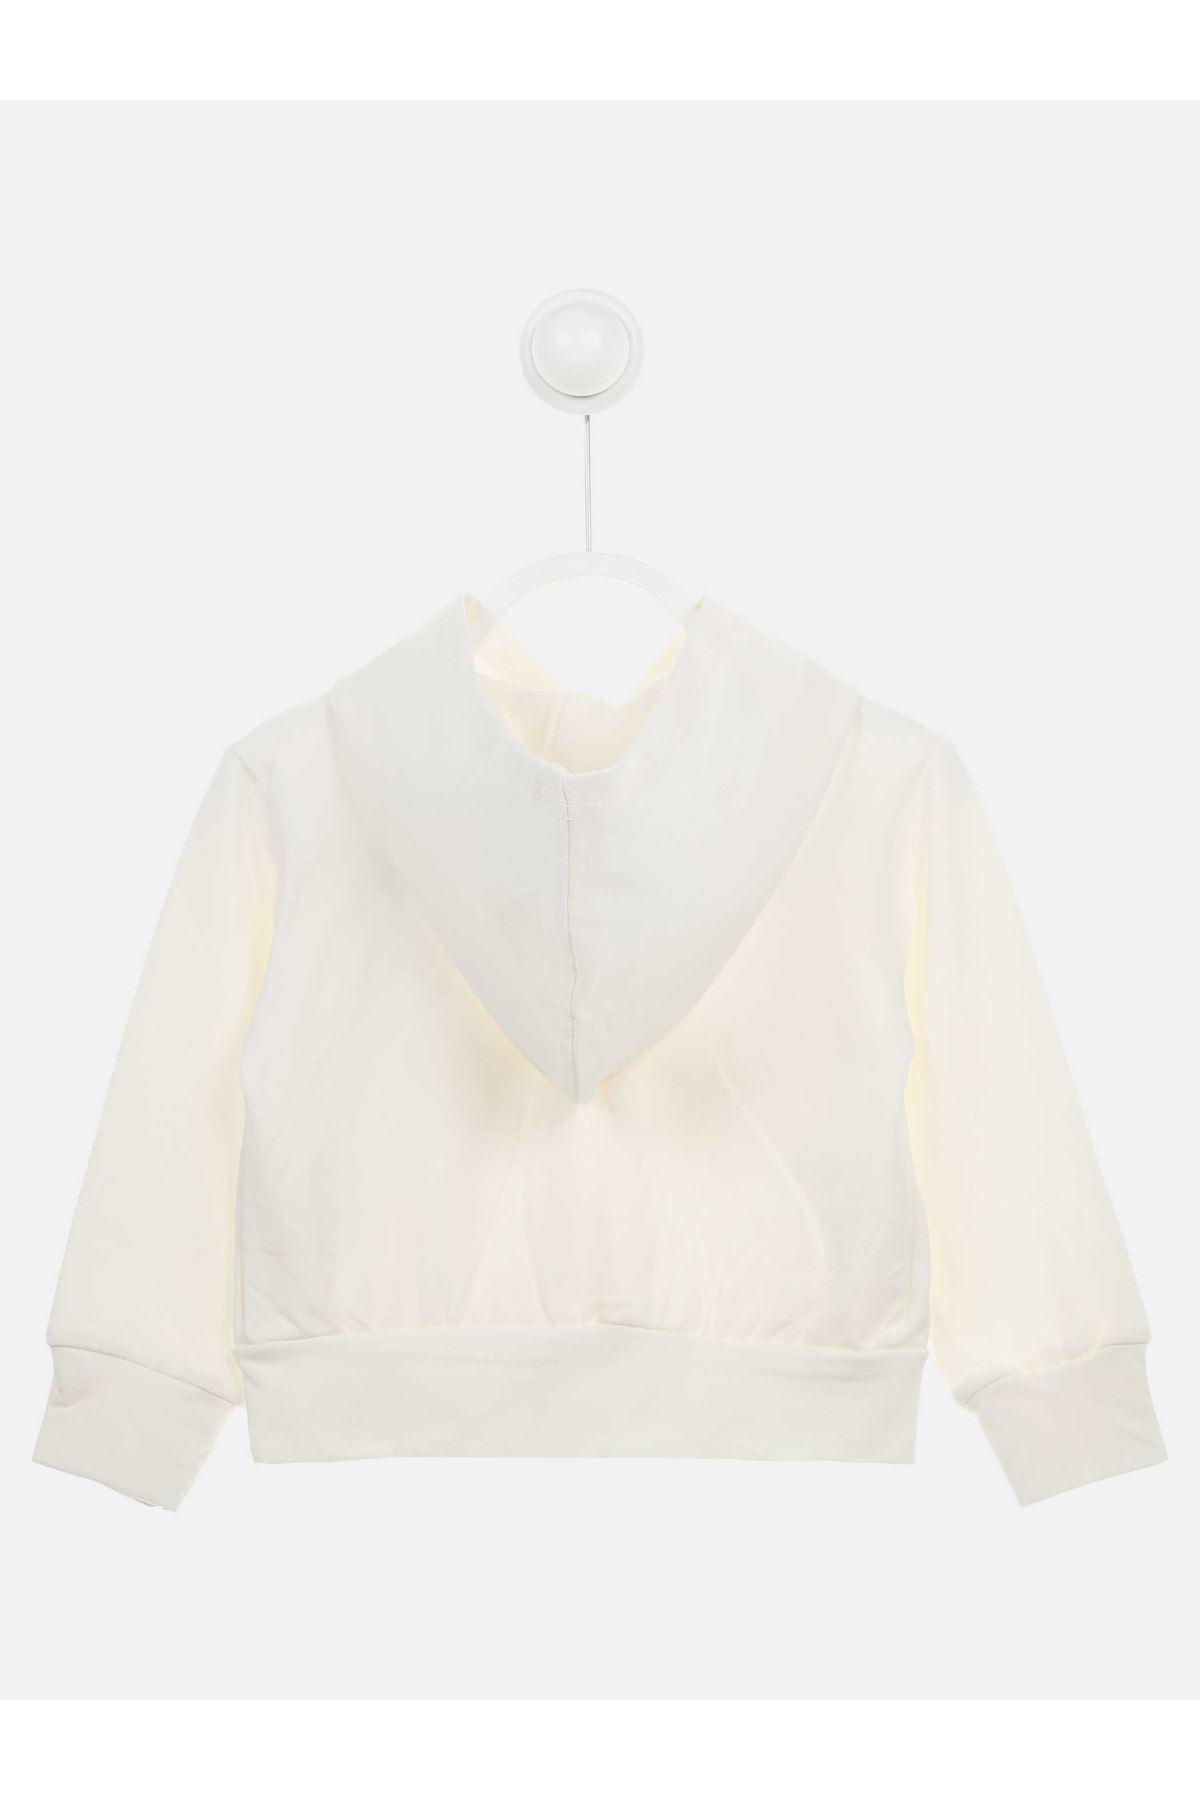 Beyaz Mevsimlik Kız Çocuk Ceket